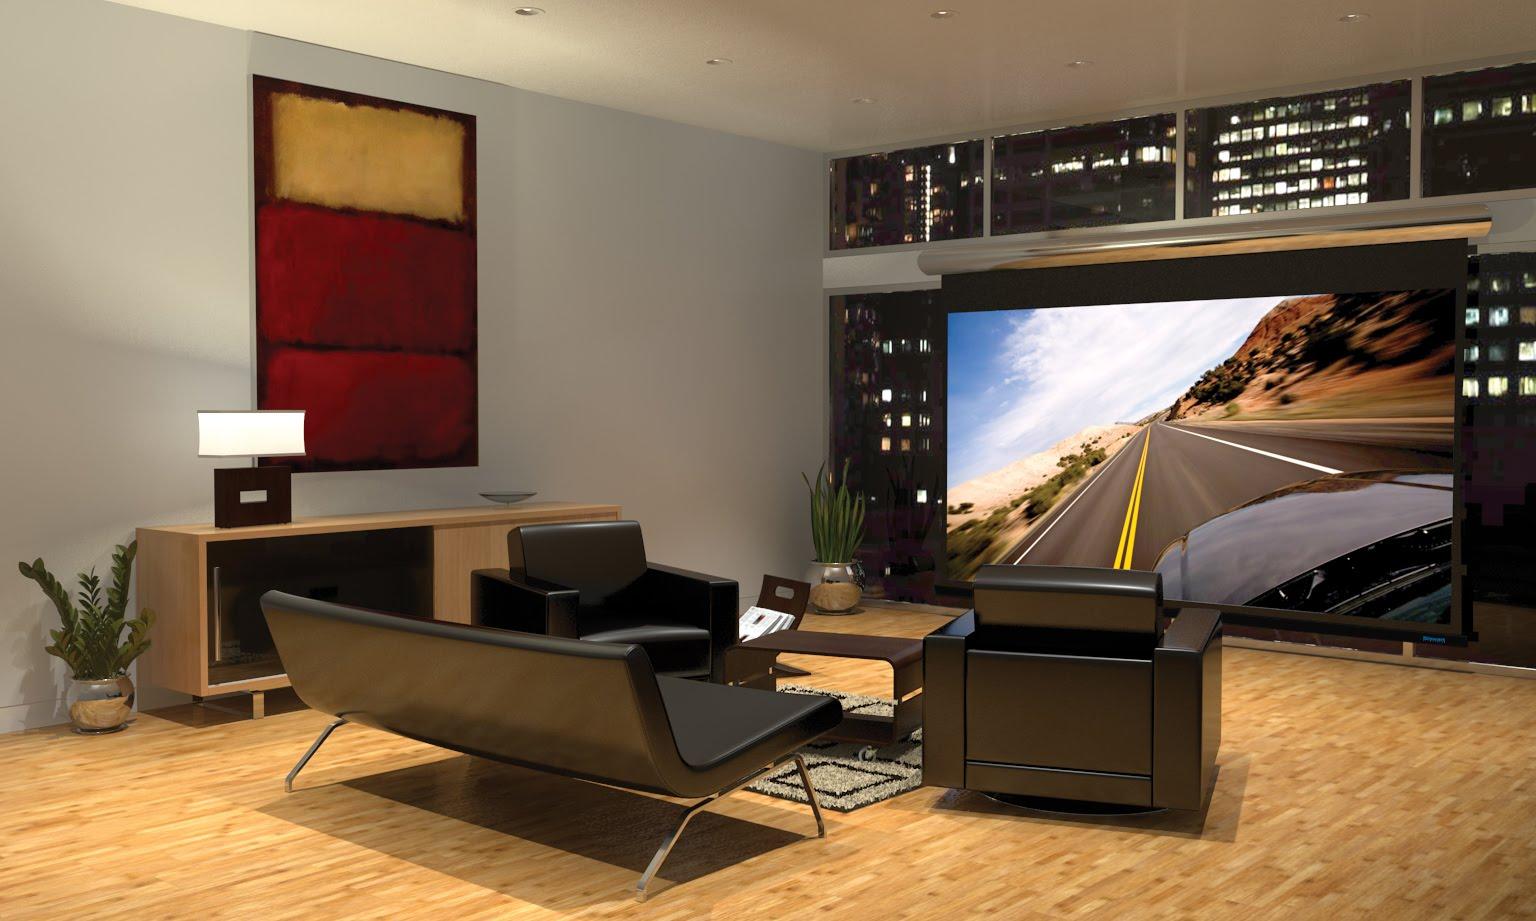 Sala De Tv Com Projetor ~ na maior parte dos casos a imagem vem de uma tv de plasma lcd ou led